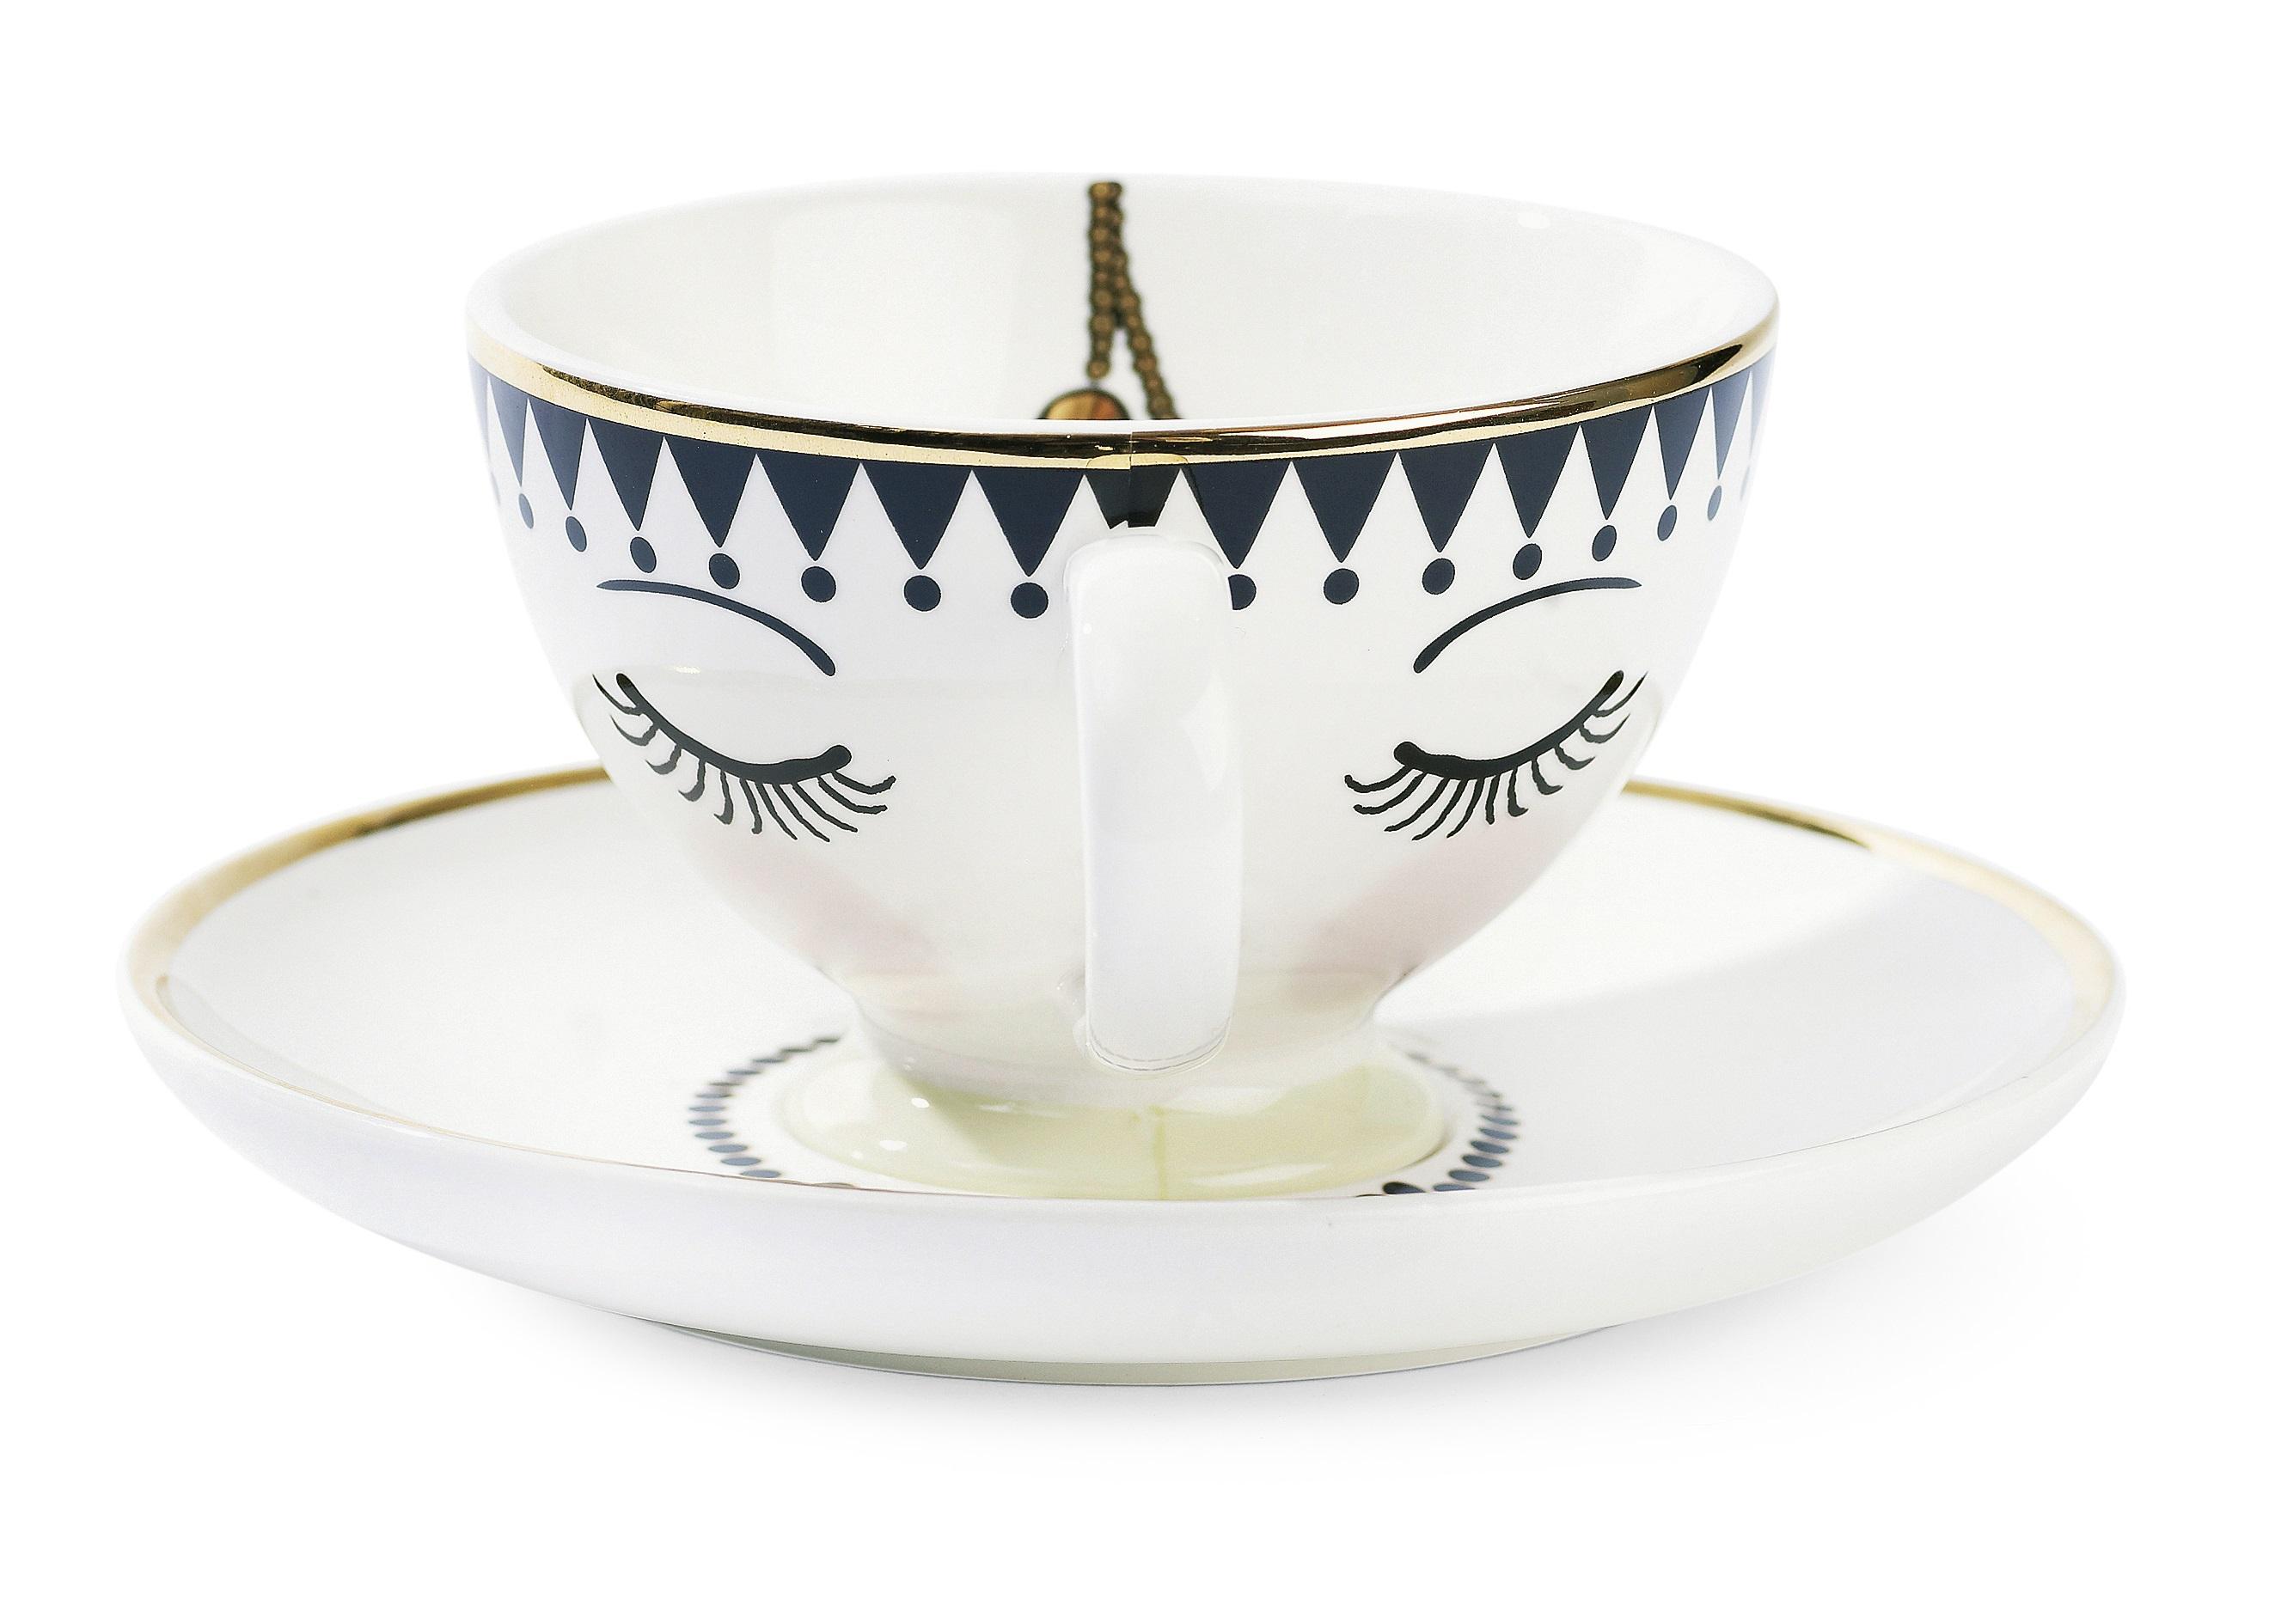 Чайная параЧайные пары, чашки и кружки<br>Чайная пара от Miss Etoile представляет собой дуэт из чашки и блюдца. Она станет не только стильным украшением кухни, но и приятным поводом для радости. Чайная пара от Miss Etoile соединяет в себе необычное решение обыденных вещей и изящное исполнение этой задумки! Ее приятно держать в руках, на нее приятно смотреть, из нее приятно пить любимый напиток! Эта милая кружка выглядит женственно и изящно, в сочетании с ароматным чаем и круассаном она создаст настроение булочной Парижа.&amp;amp;nbsp;&amp;lt;div&amp;gt;&amp;lt;br&amp;gt;&amp;lt;/div&amp;gt;&amp;lt;div&amp;gt;Объем 250 мл.<br><br>&amp;lt;/div&amp;gt;<br><br>Material: Керамика<br>Высота см: 8